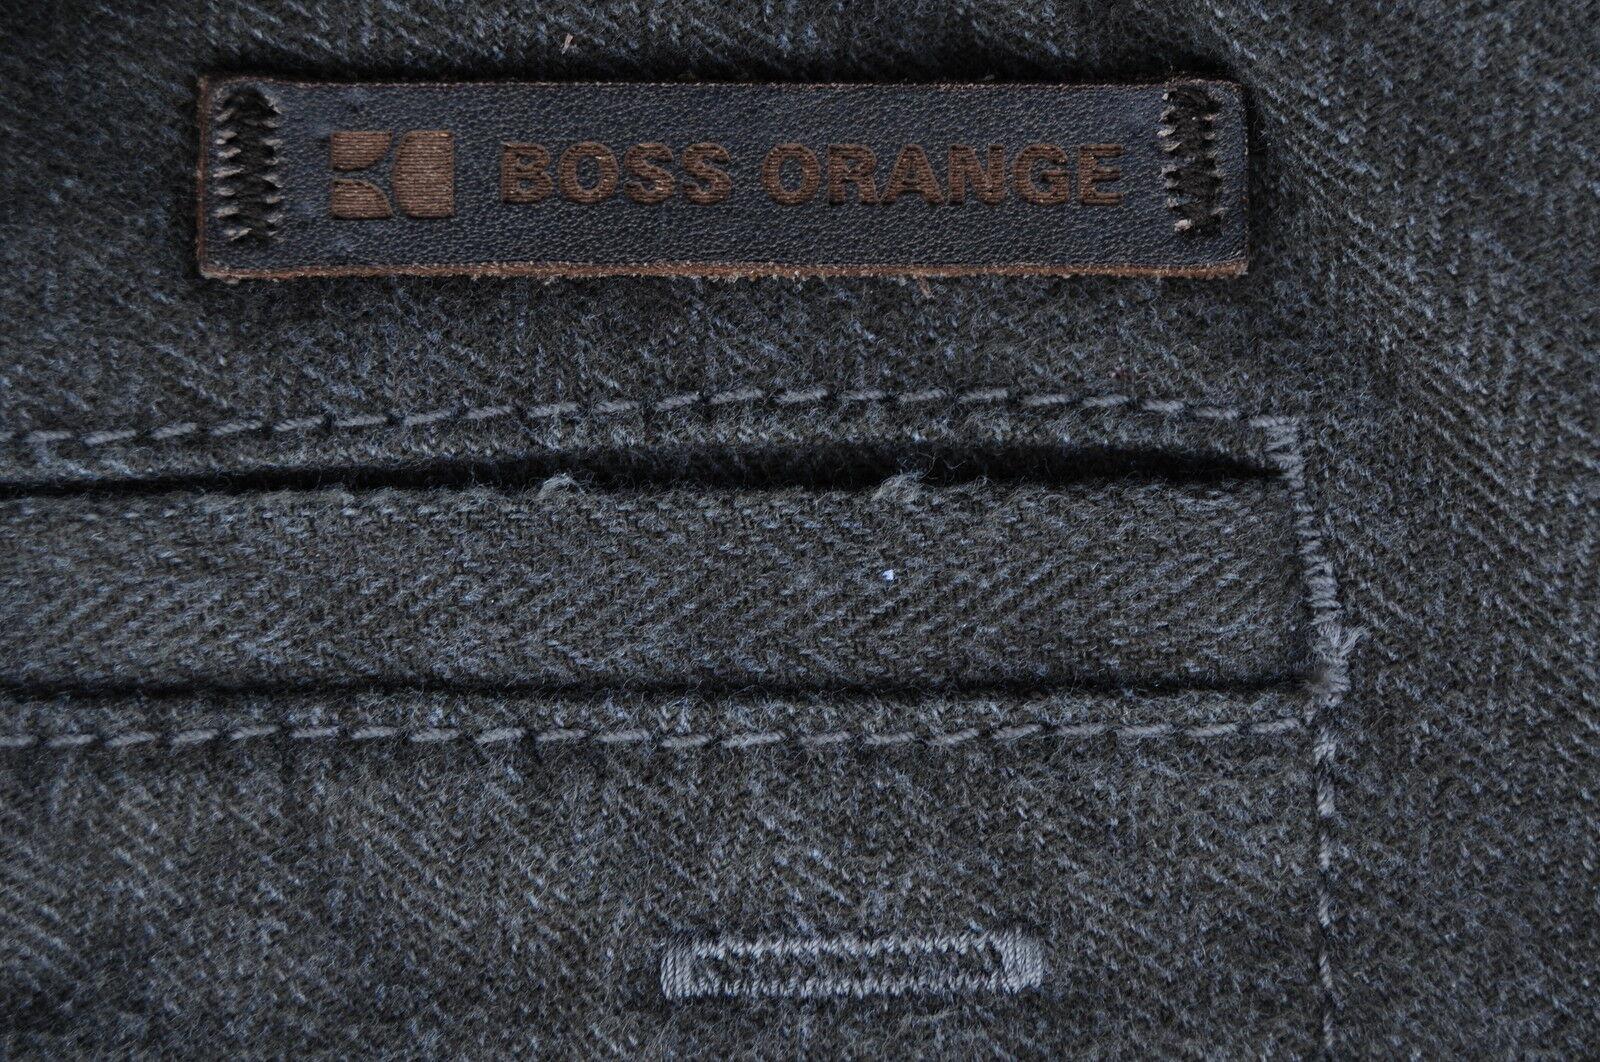 NEU Gr. 90 SHIRE3-W HUGO HUGO HUGO BOSS (JEANS) HOSE  ORIGINAL 50233029 5618ed